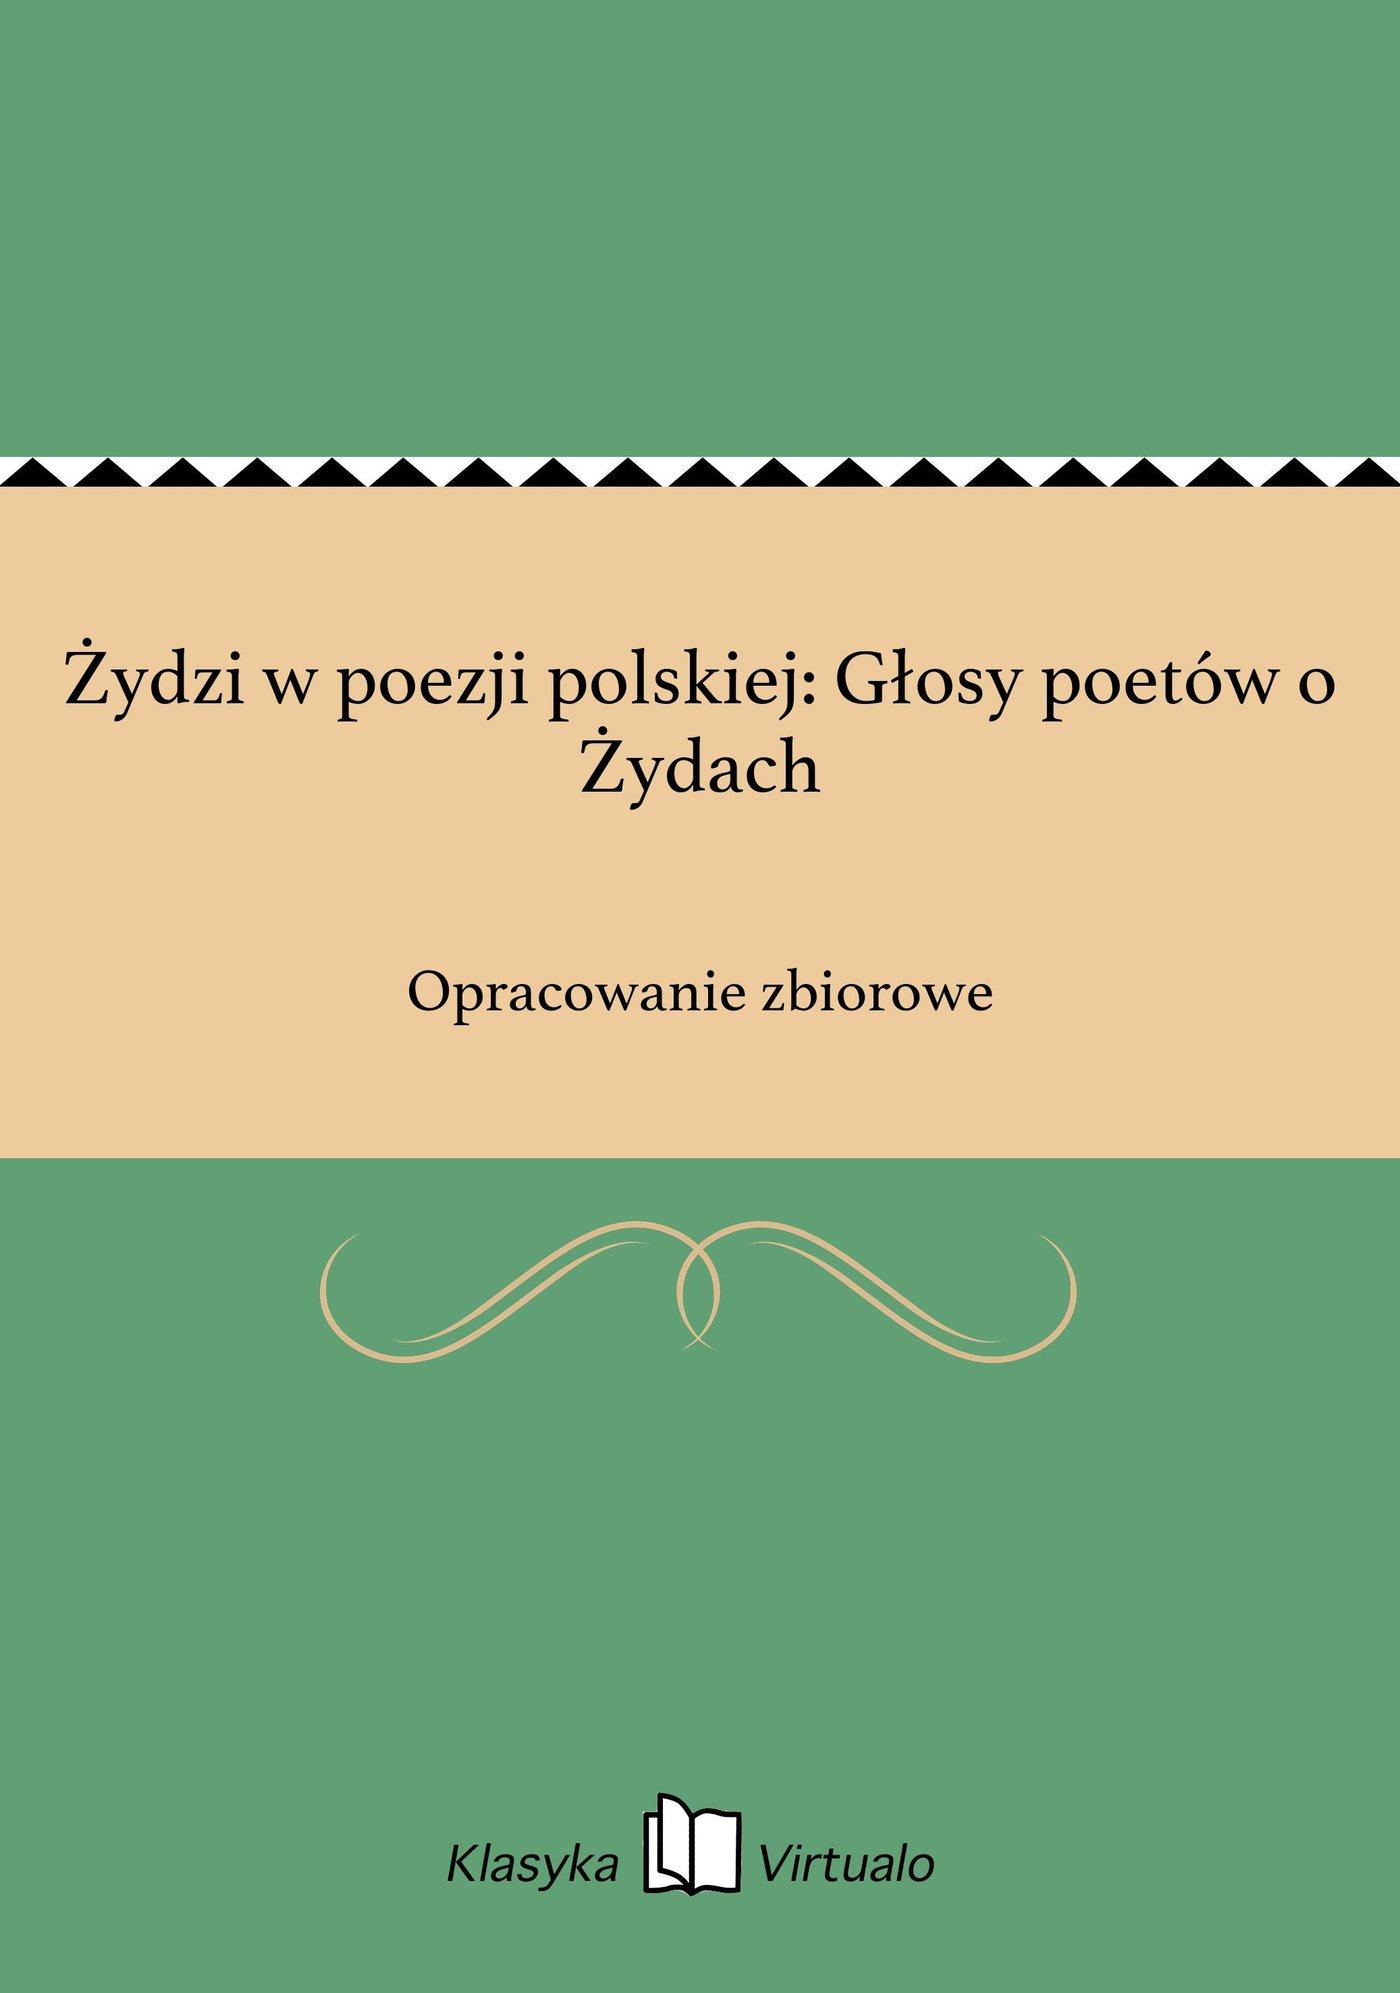 Żydzi w poezji polskiej: Głosy poetów o Żydach - Ebook (Książka EPUB) do pobrania w formacie EPUB